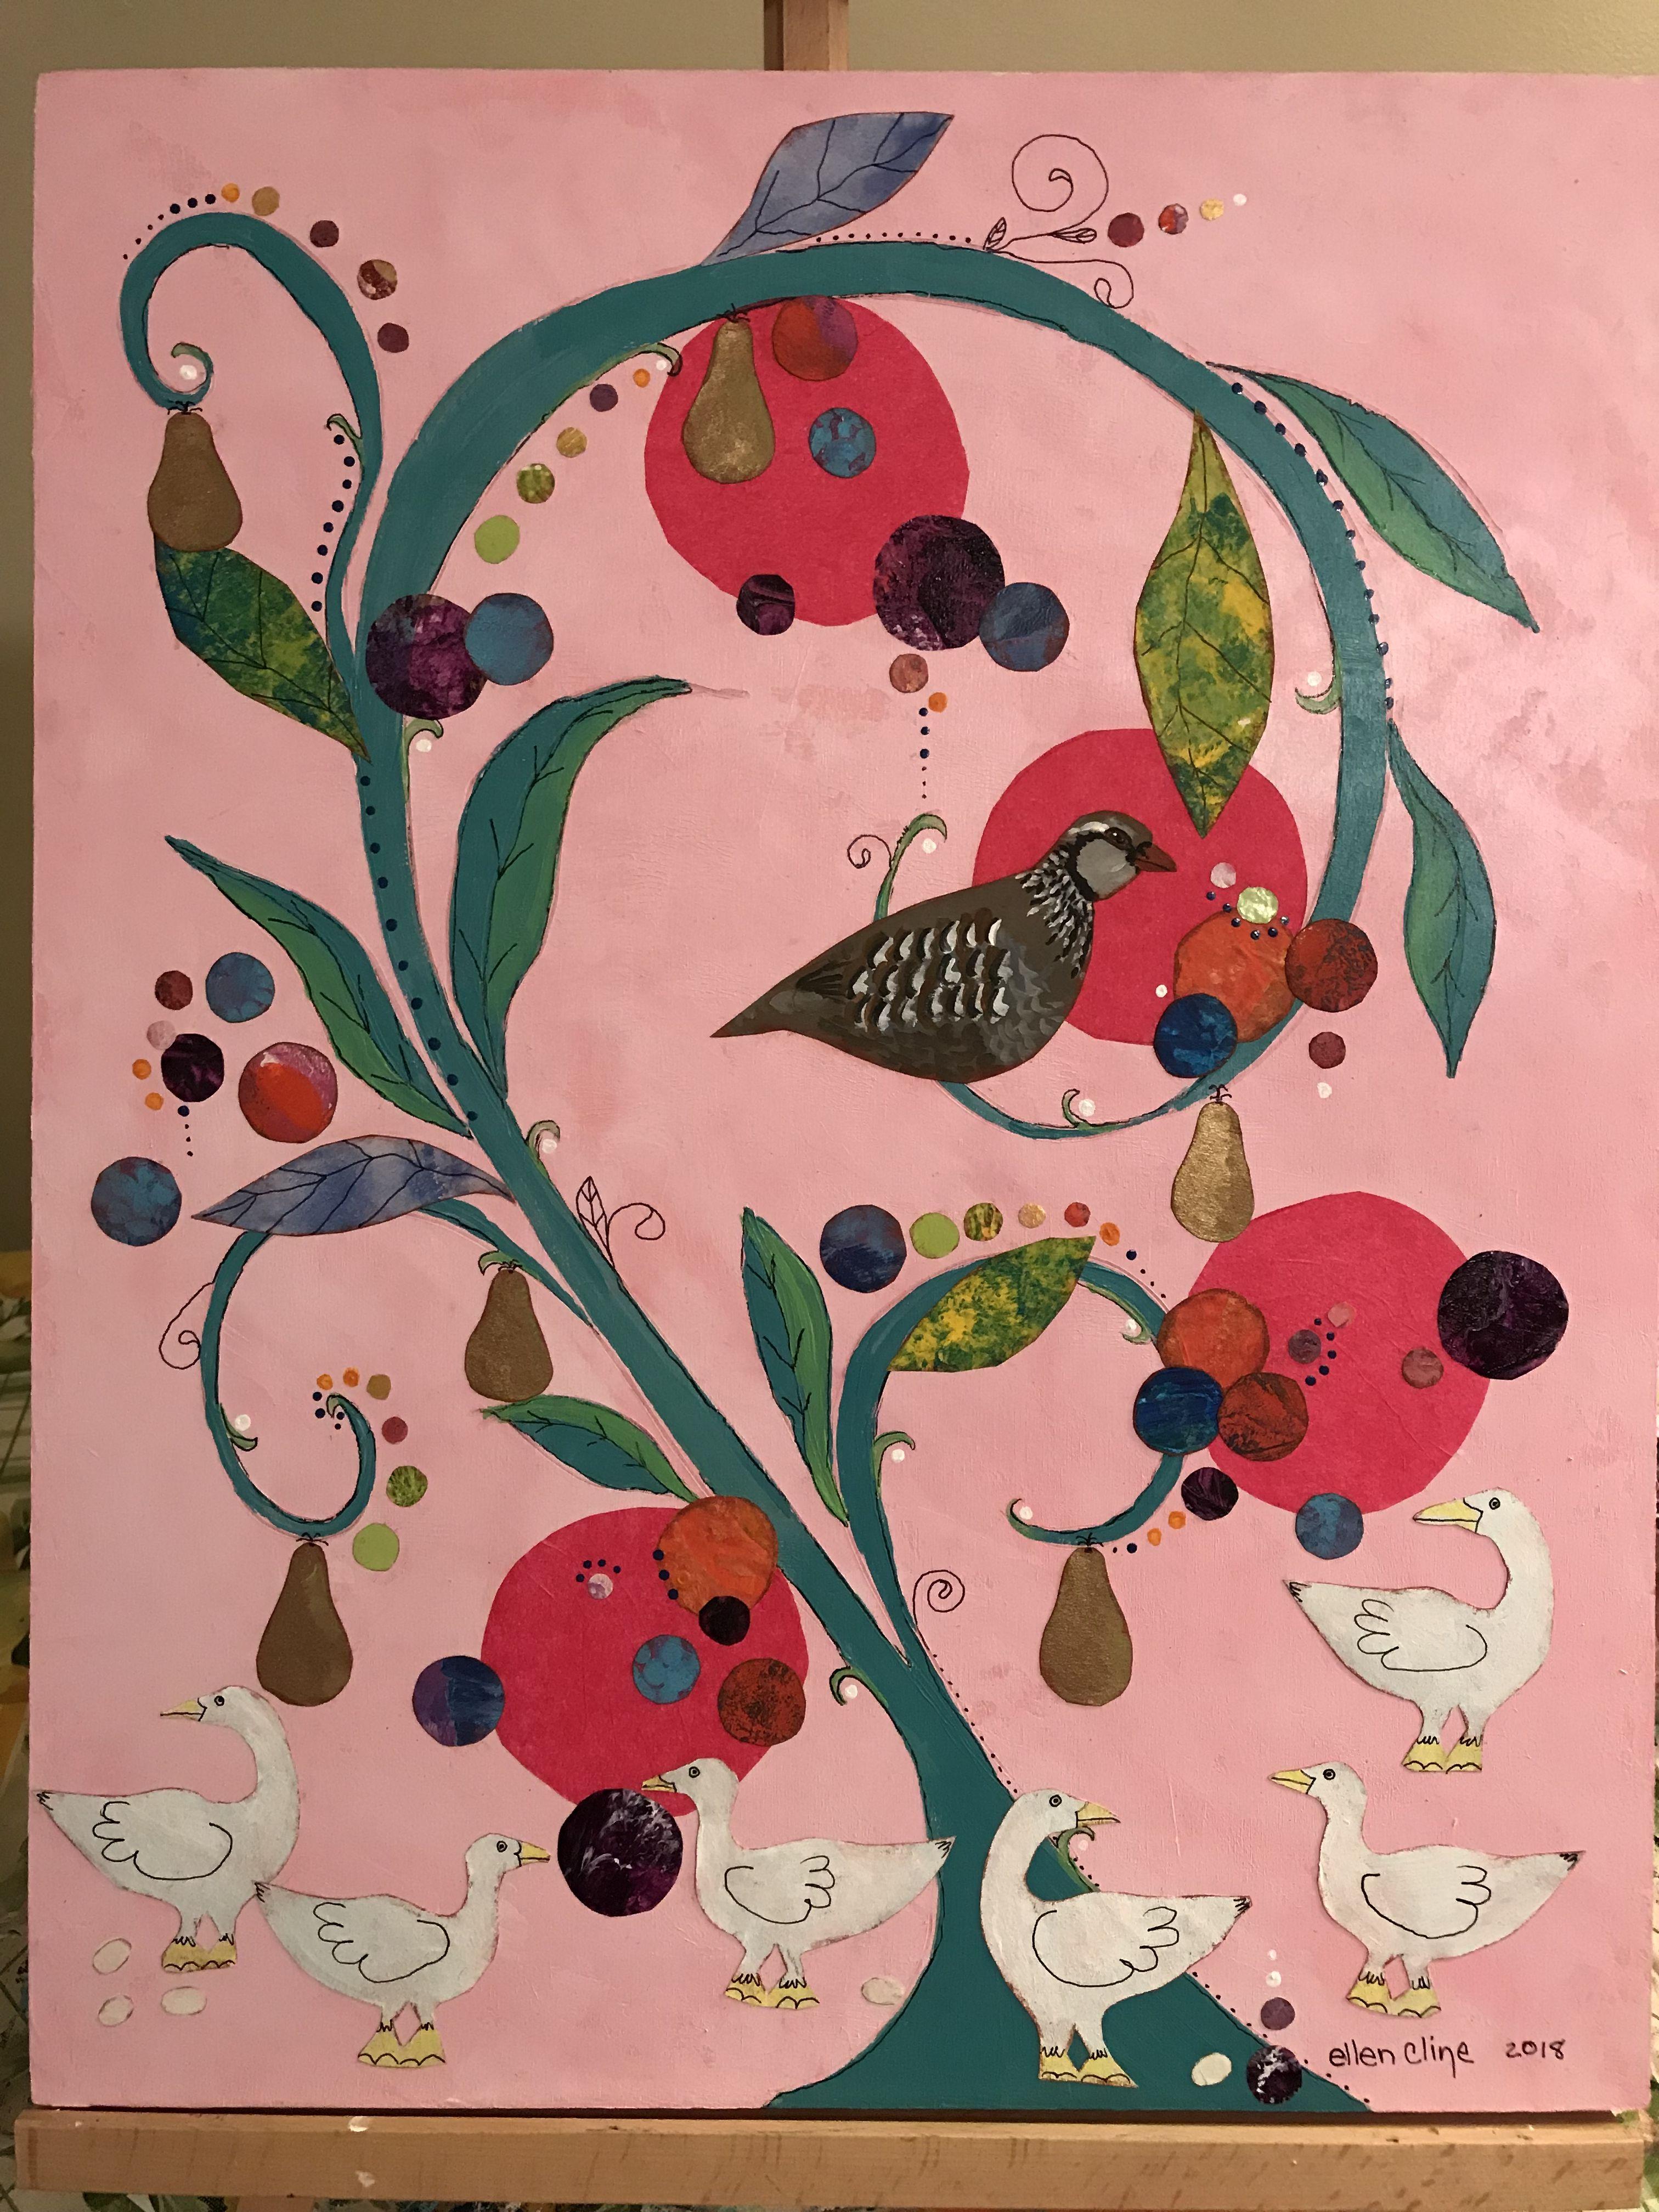 Pin By Ellen Cline On My Art Kids Rugs Decor Rugs